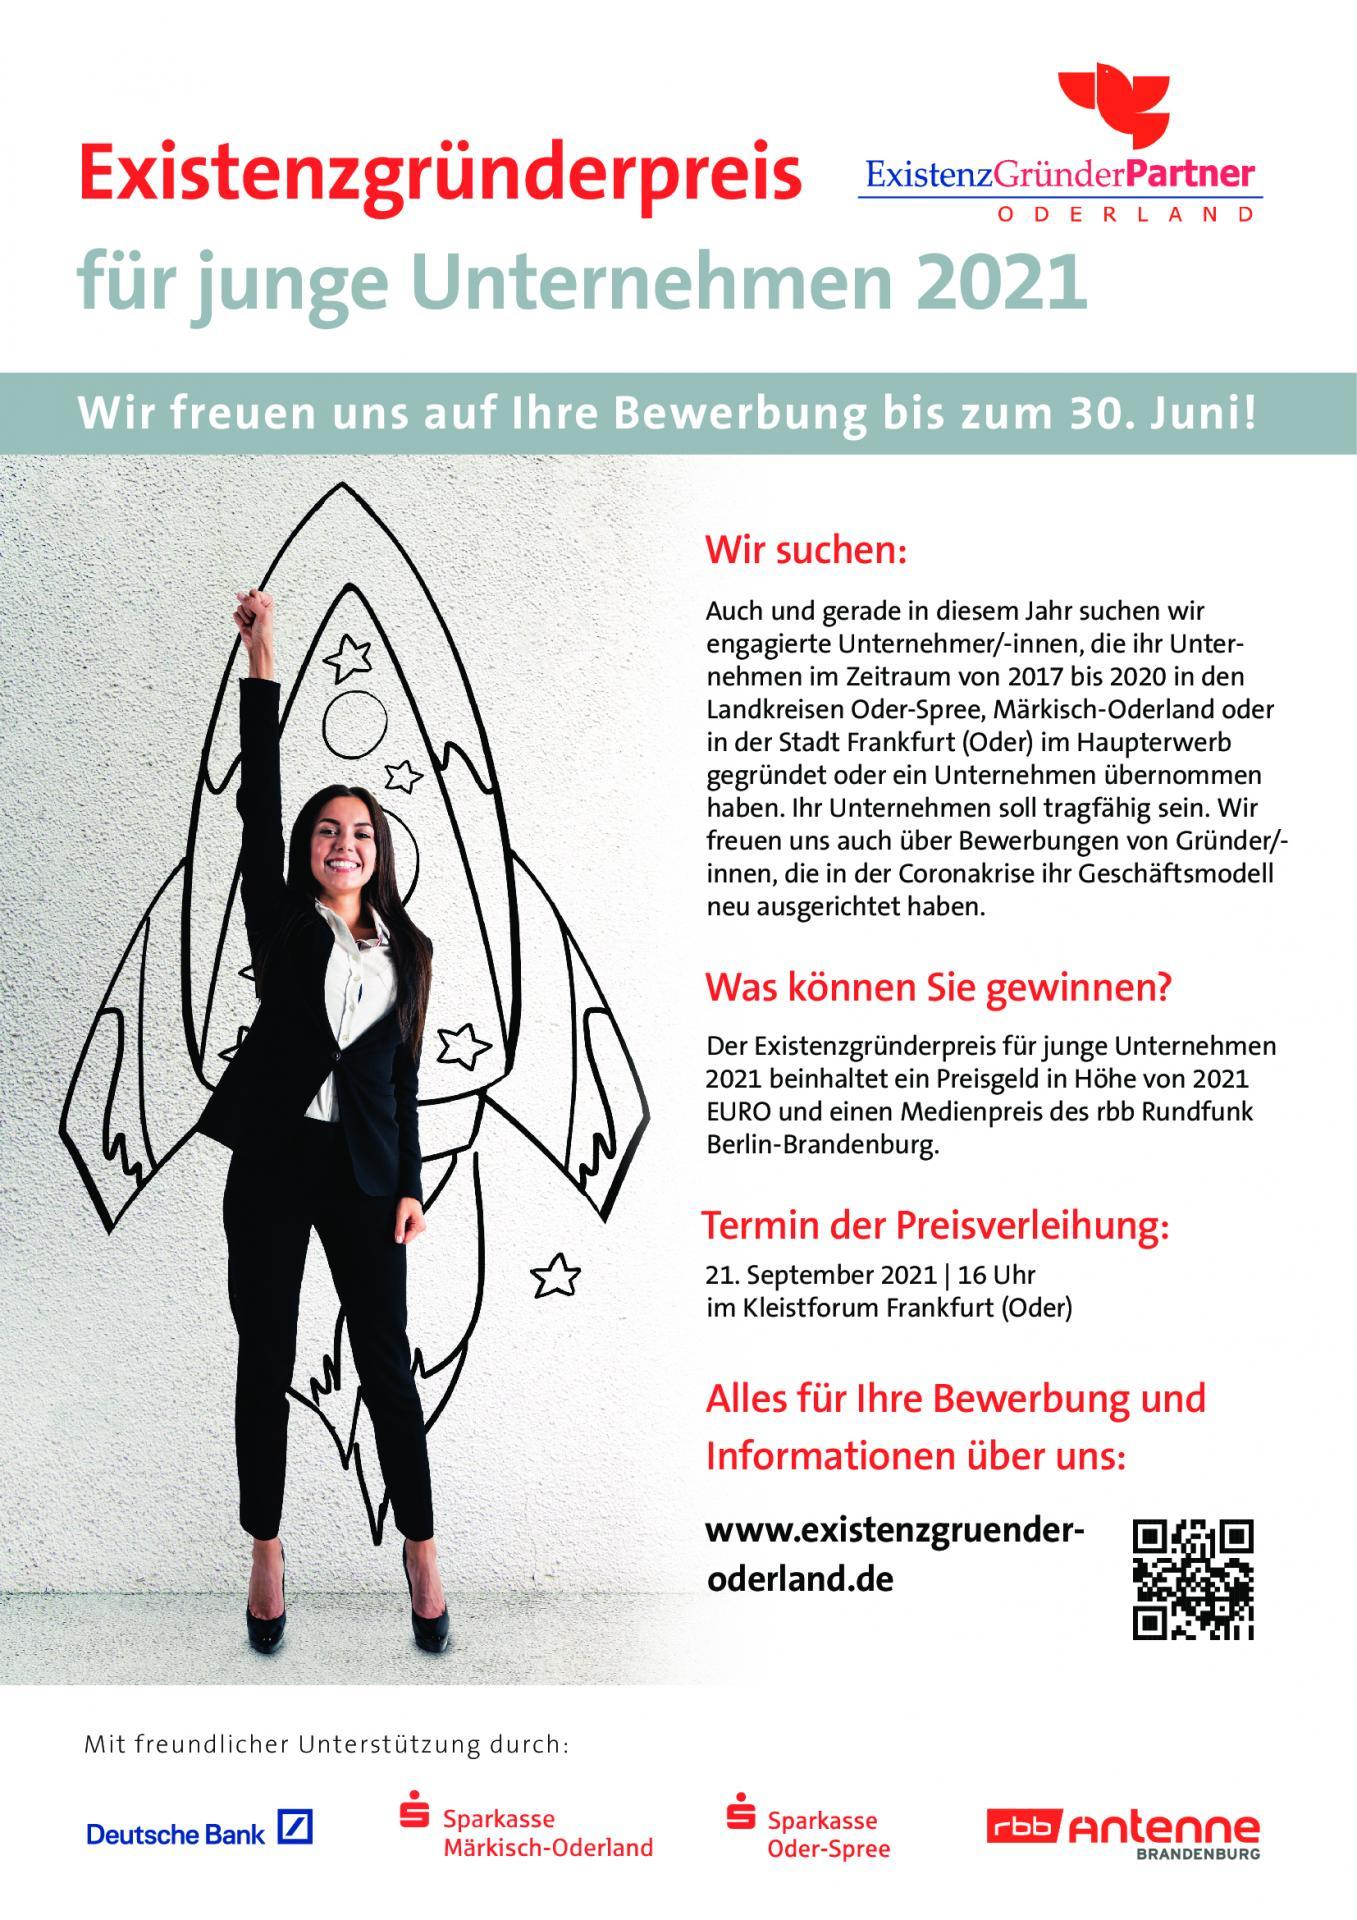 Existenzgruenderpreis-2021_Plakat